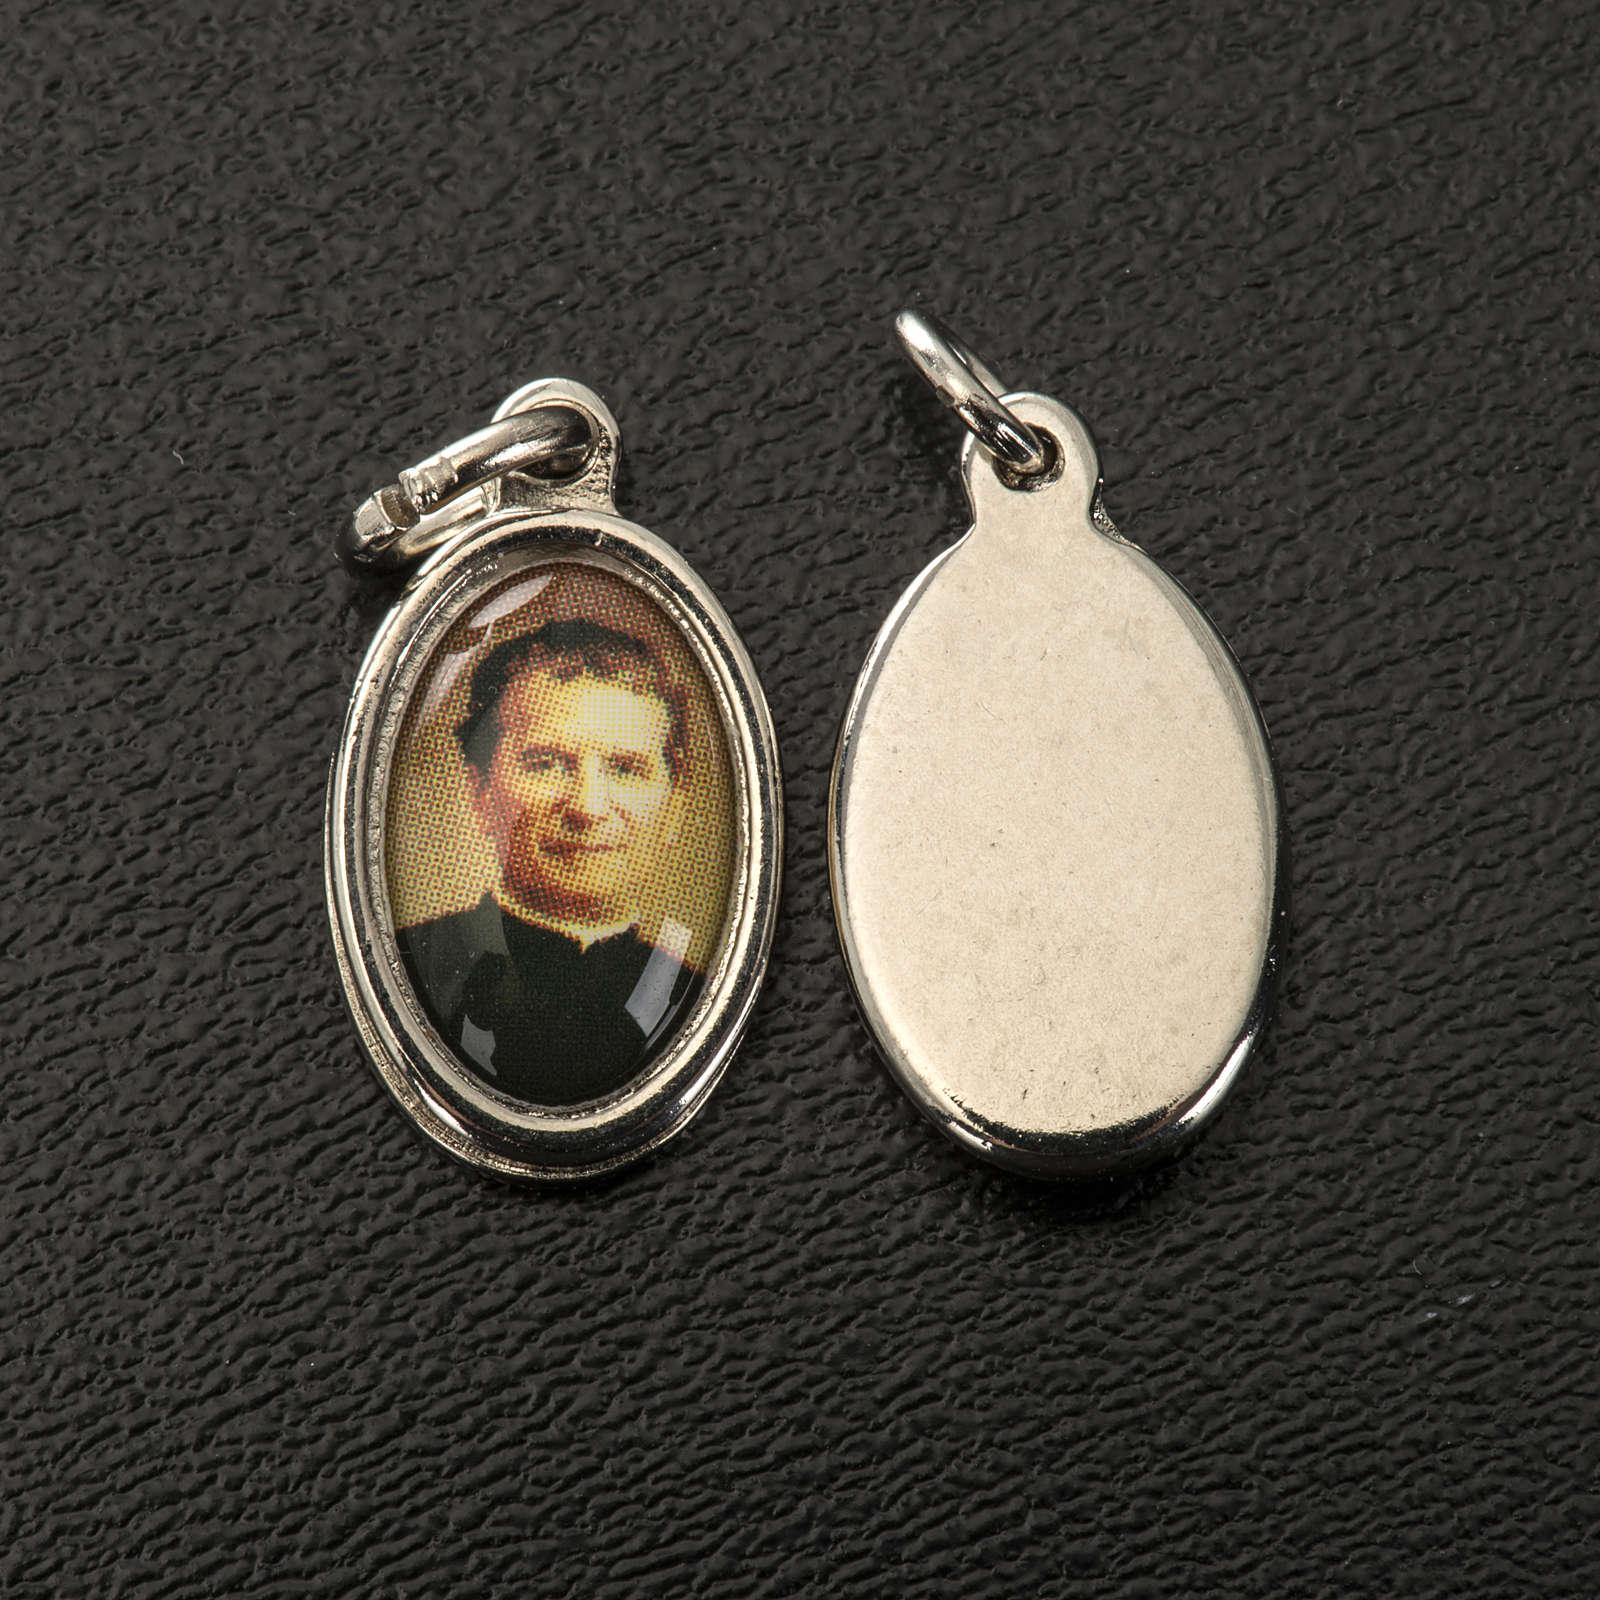 Medaglia Don Bosco metallo nichelato e bombatino h 1,5 cm 4